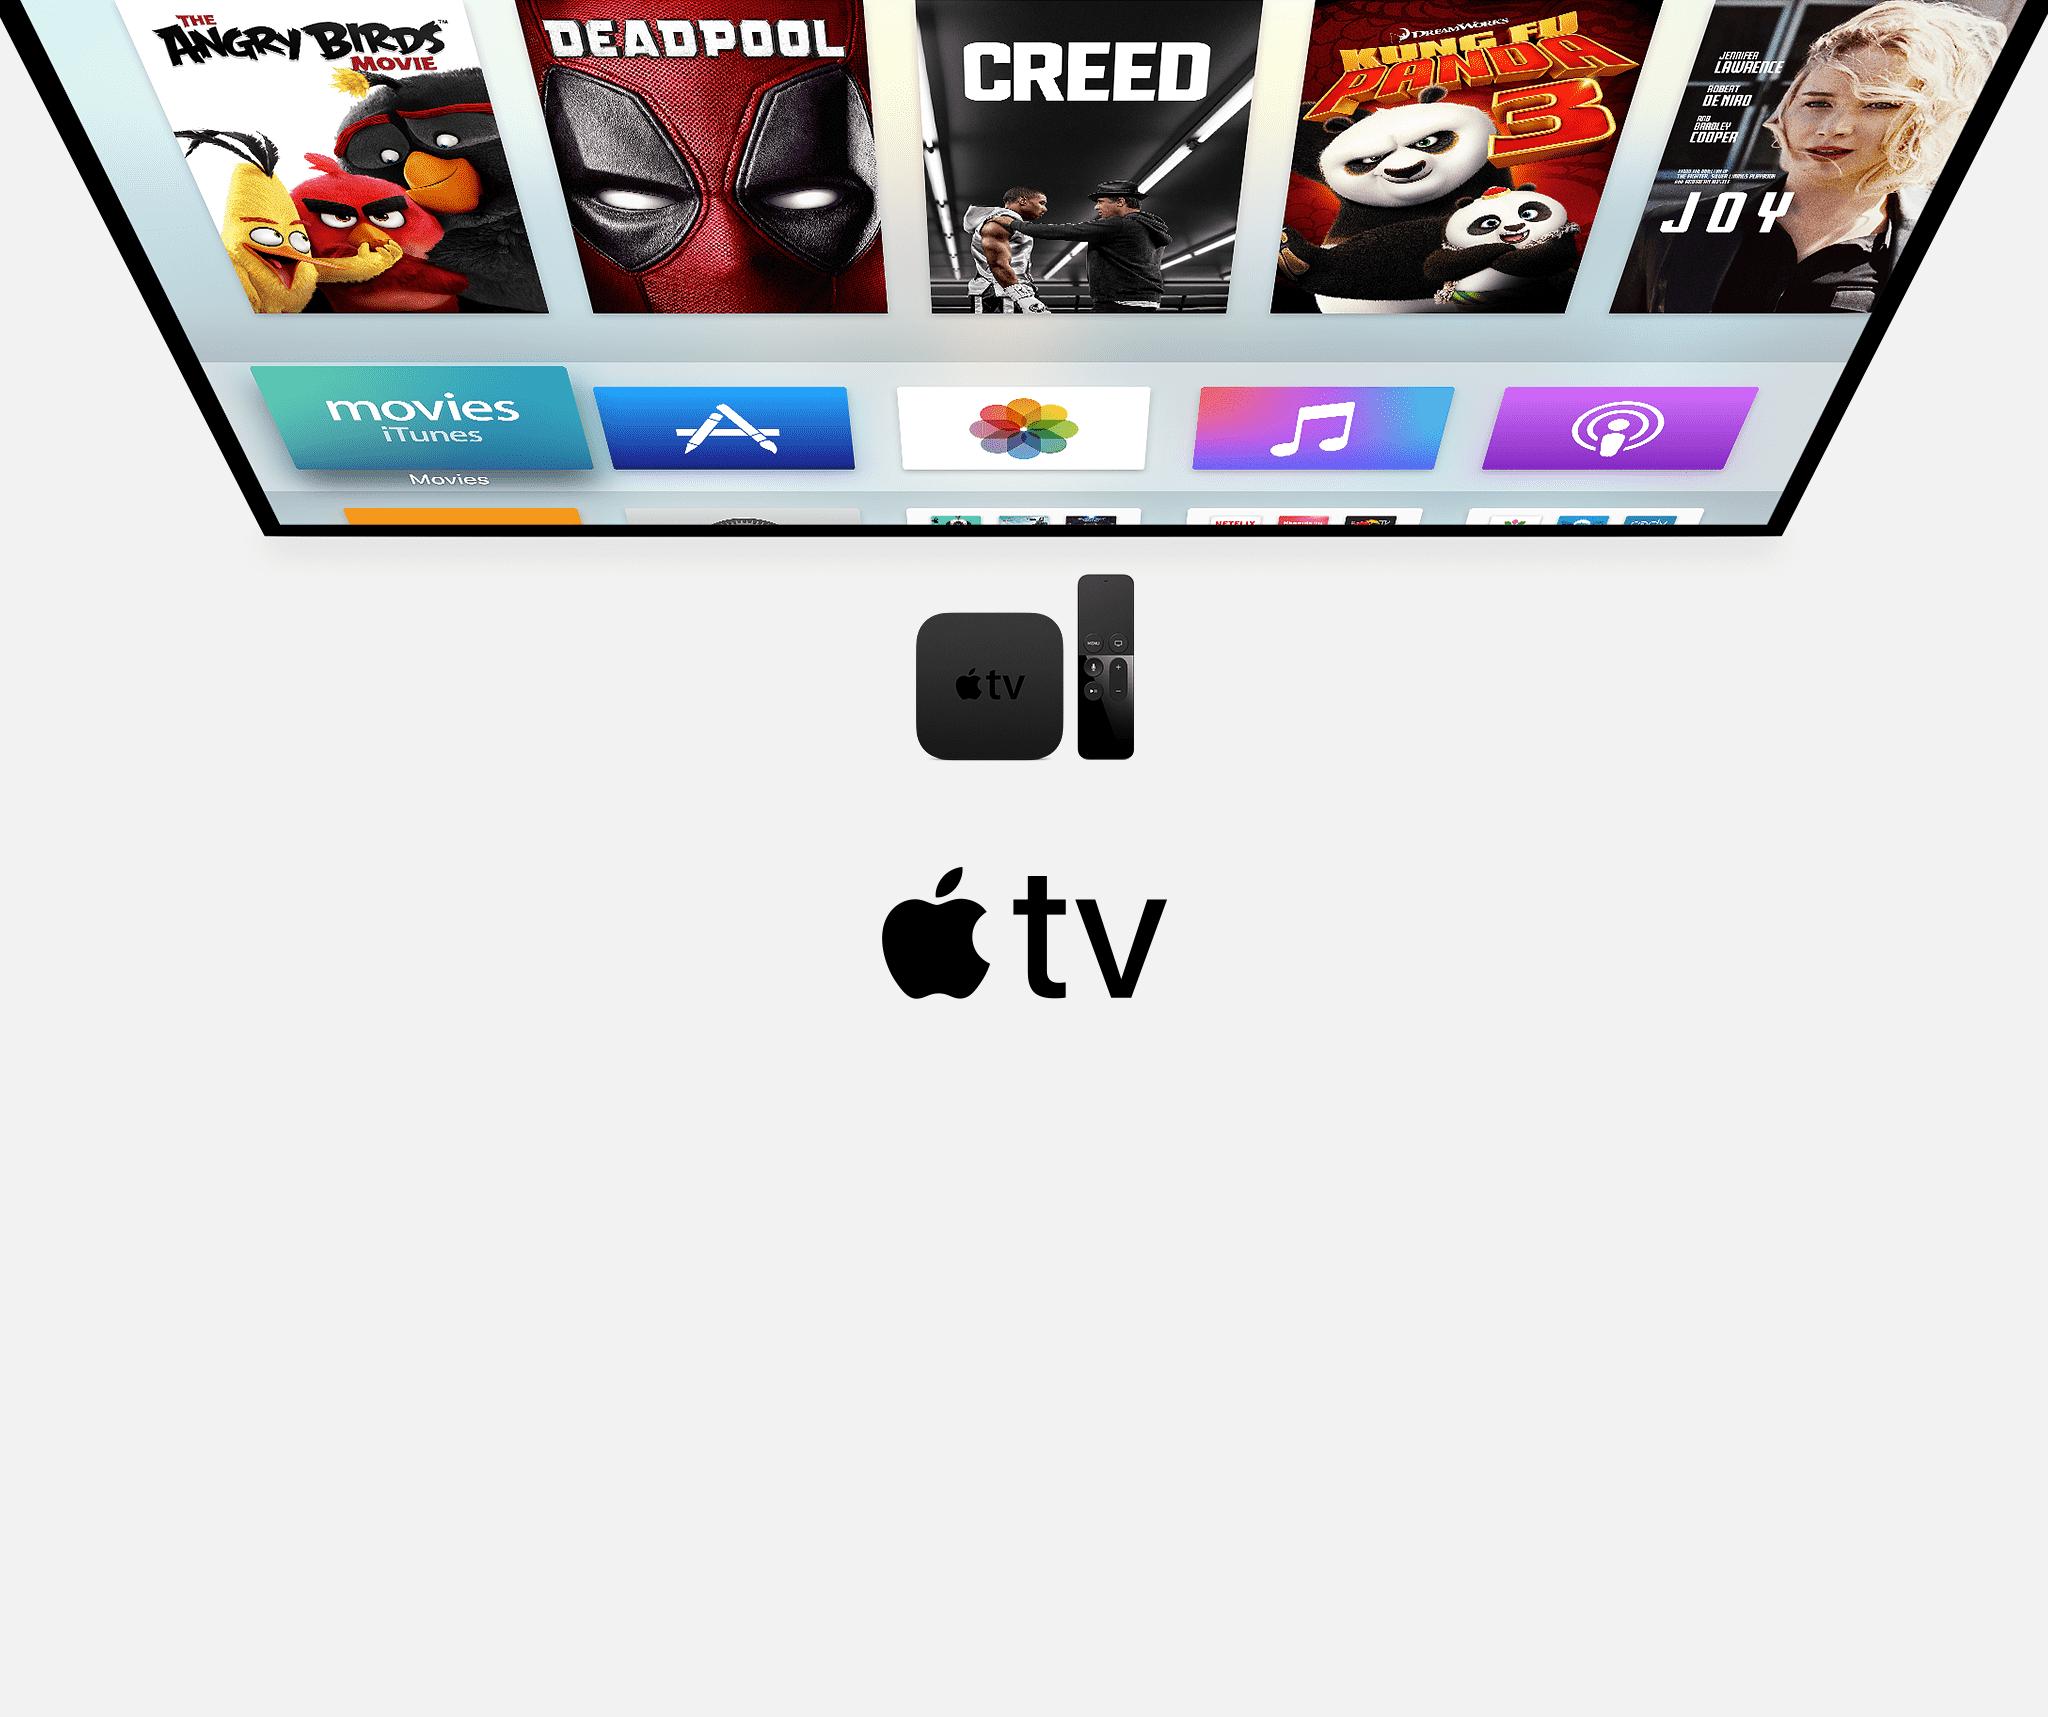 Media Markt Apple Tv